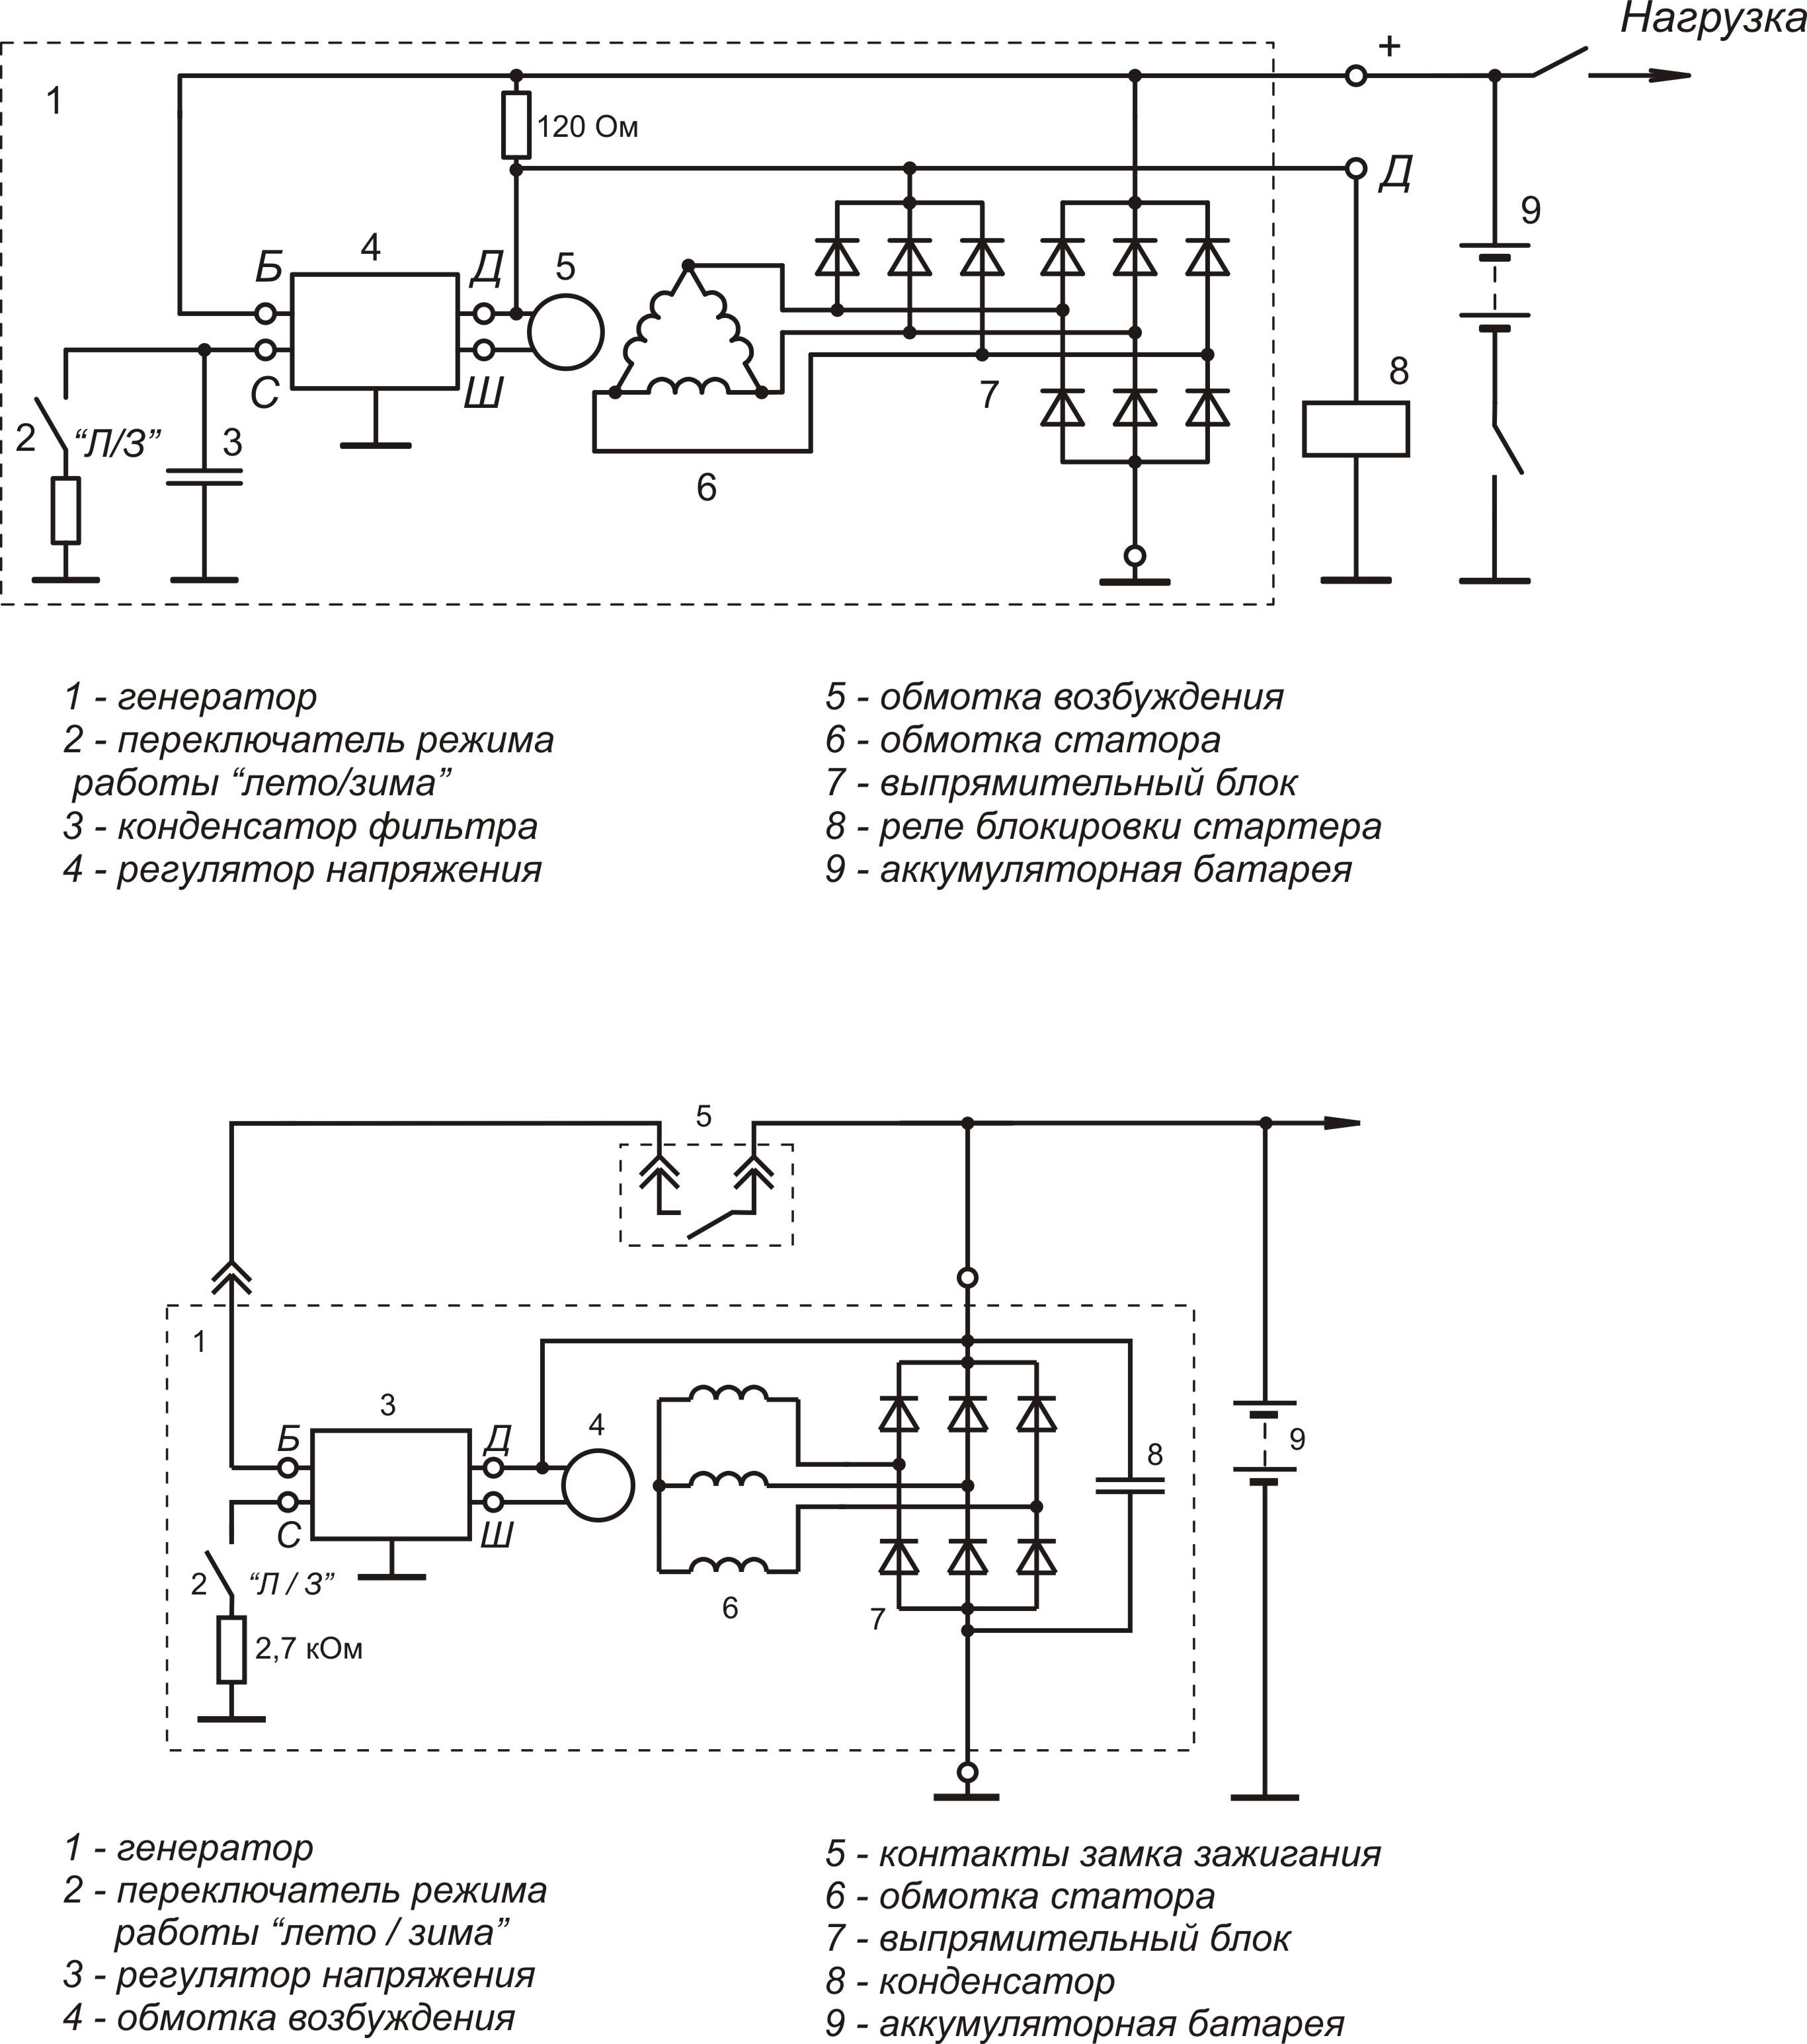 Регулятор напряжения генератора схема фото 579